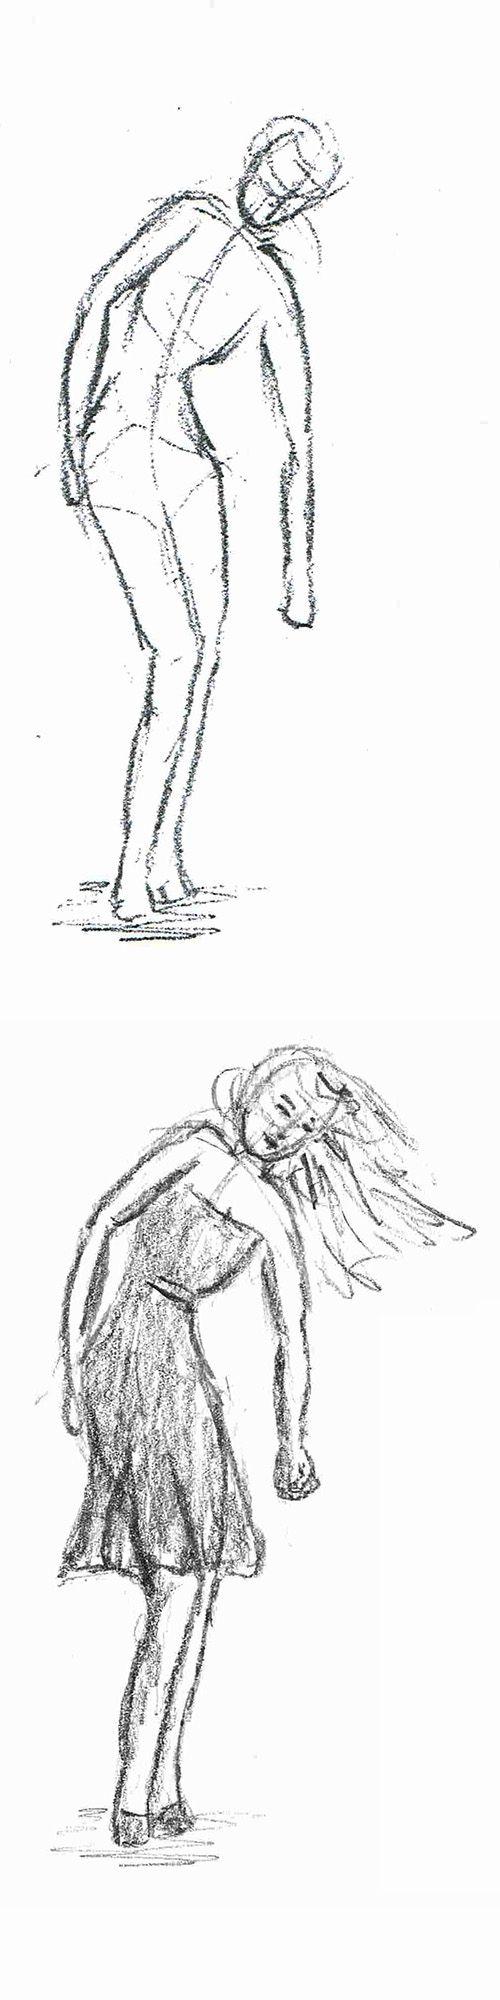 Vrouw bukt om iets van de grond te pakken. Boven - de ruwe schets / lijntekening. Onder - meer detail. Onderdeel van mijn zelfstudie mensen leren tekenen